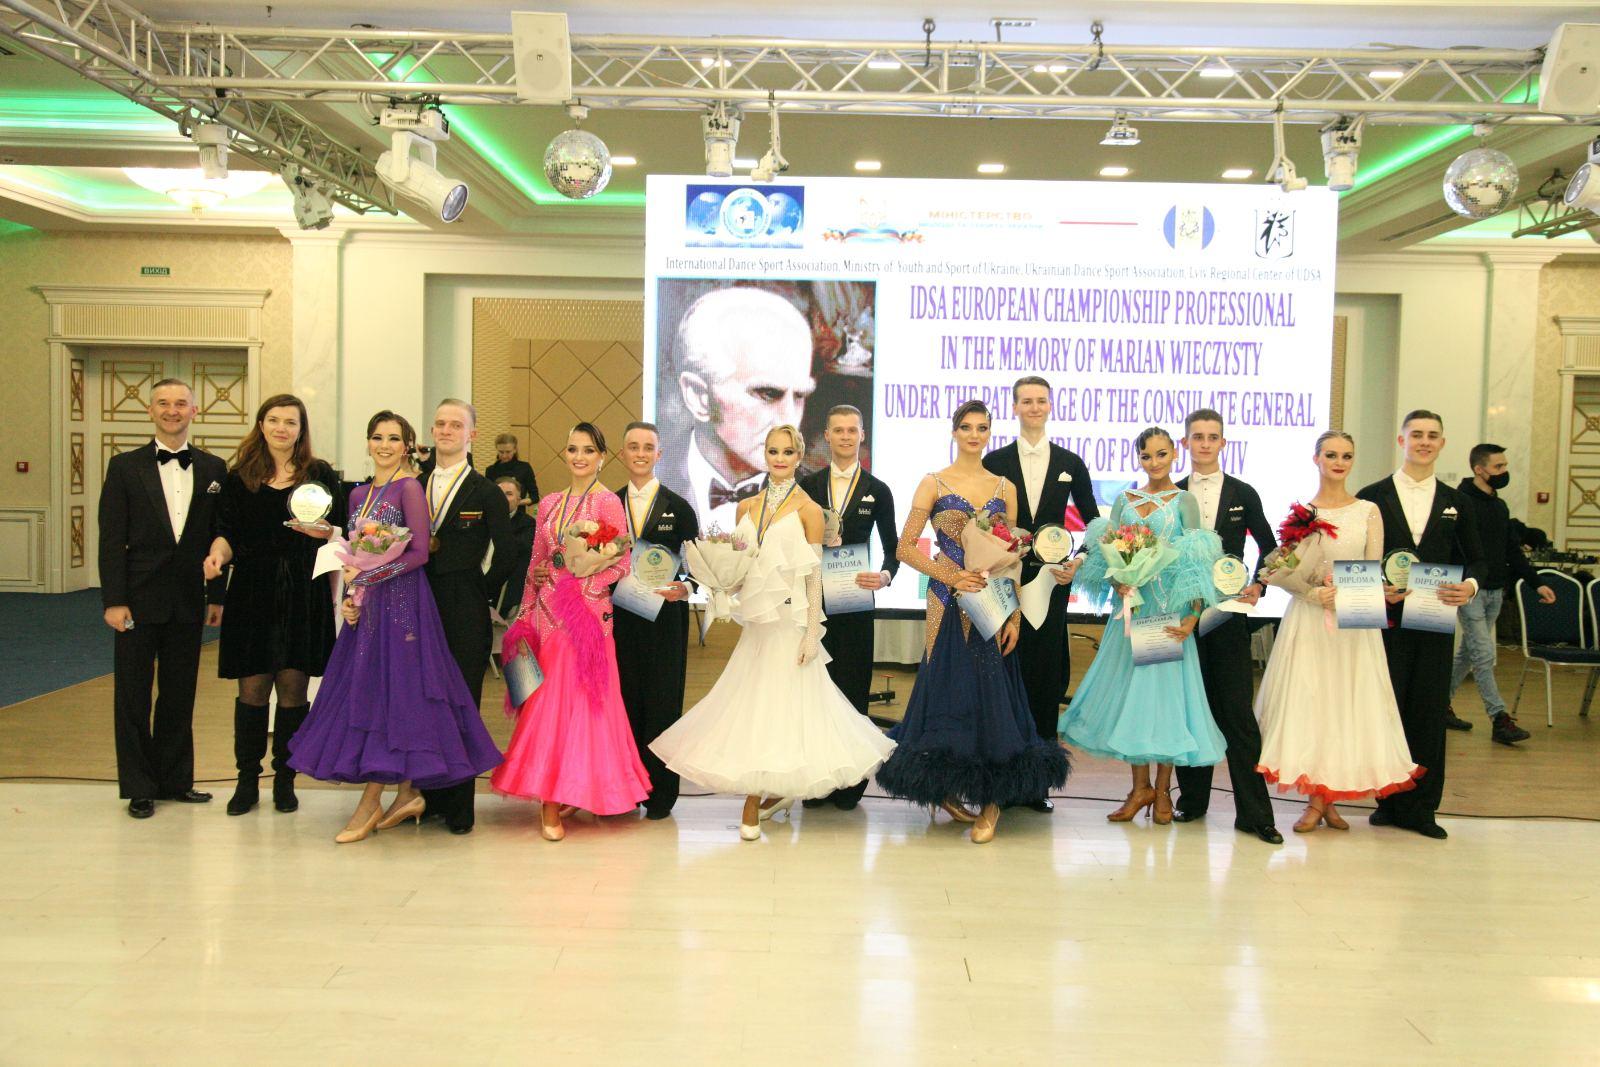 Чемпіонат Європи зі спортивних танців серед професіоналів в європейській та латиноамериканській програмах пам'яті Мар'яна Вєчисти. фото